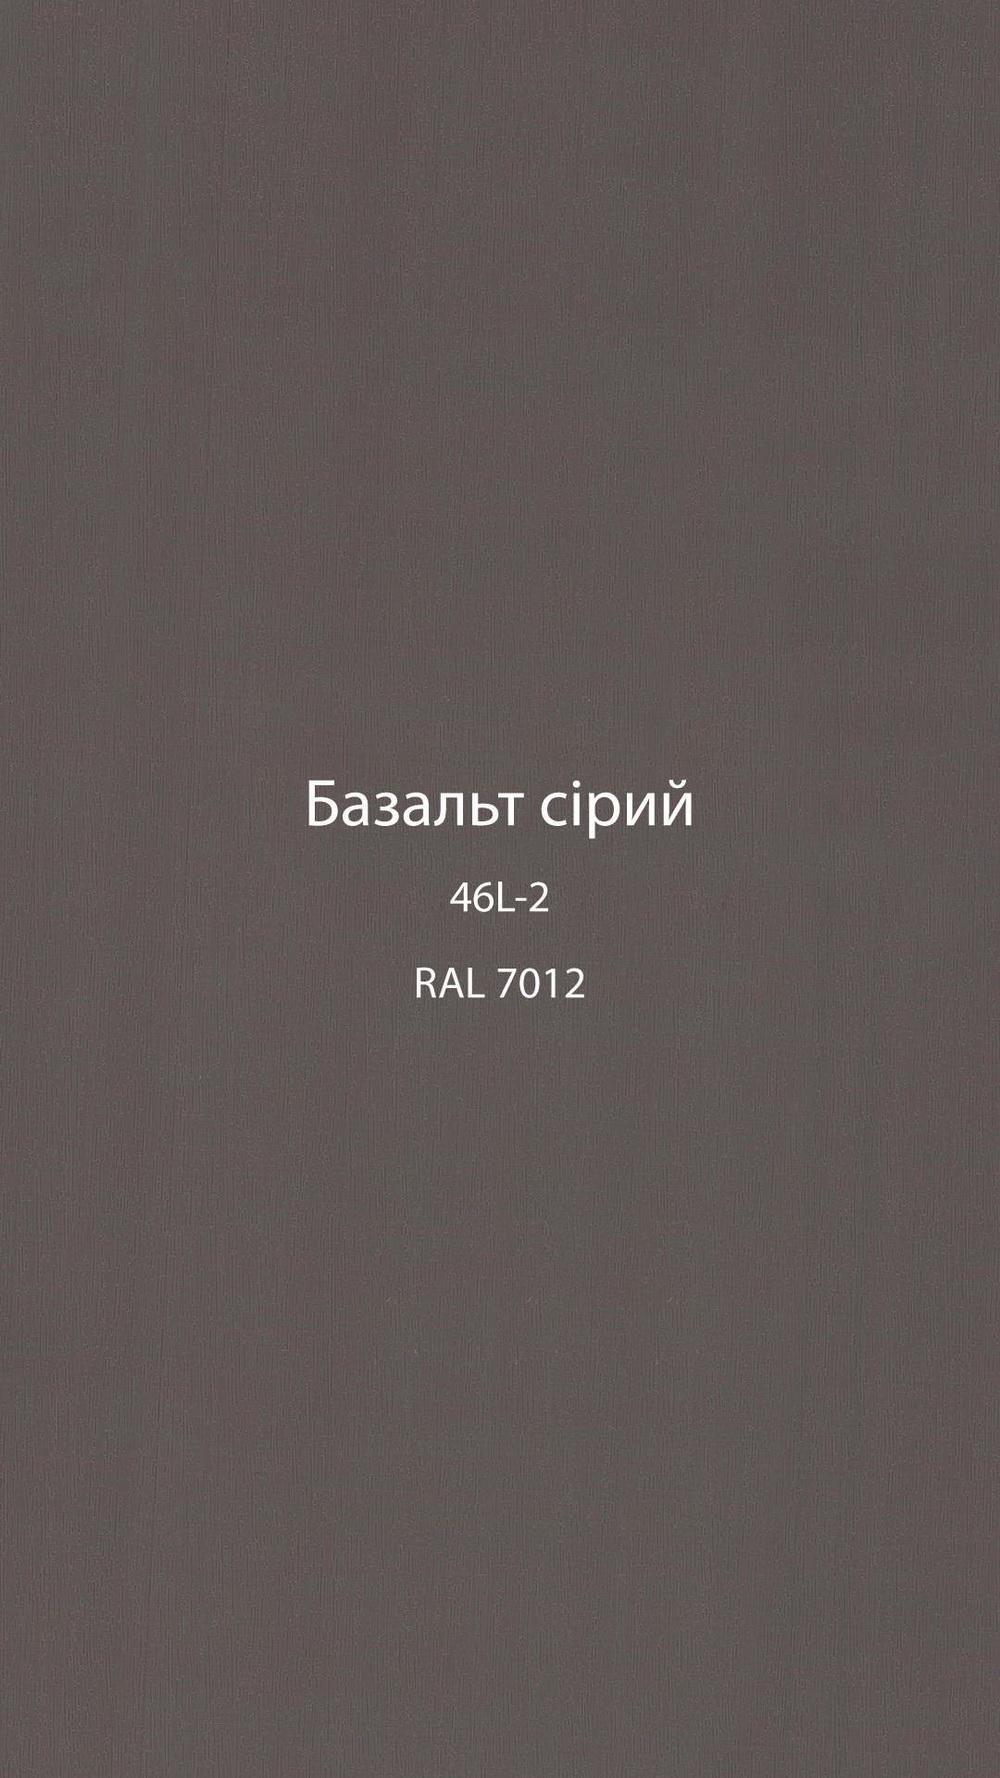 Базальт сірий - колір ламінації профілів заводу EKIPAZH